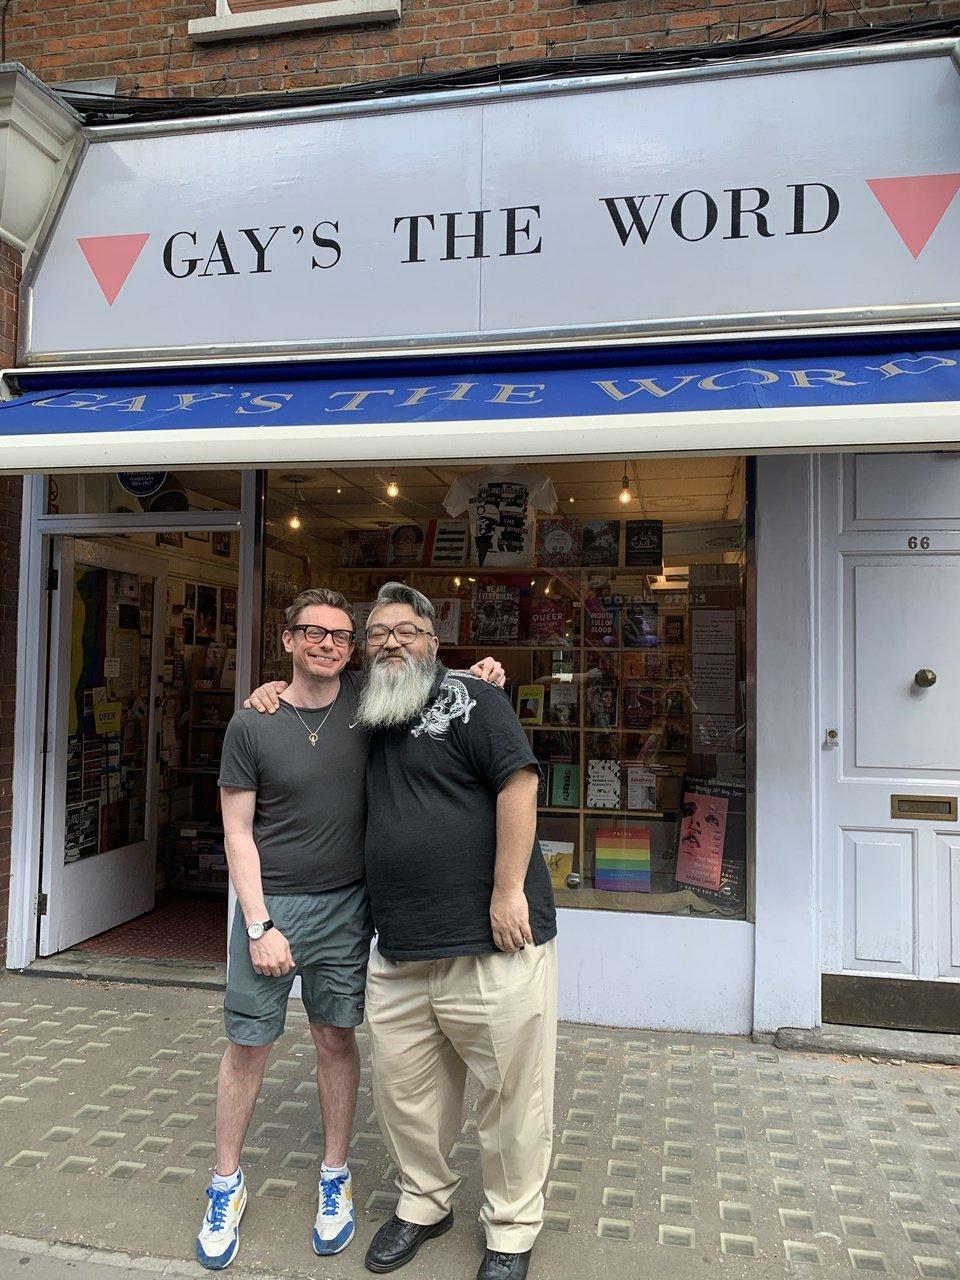 『弟の夫』漫画家・田亀源五郎「イギリス上陸と同性愛を語る!」大英博物館に展示された複製原画が手に入る!?の画像005